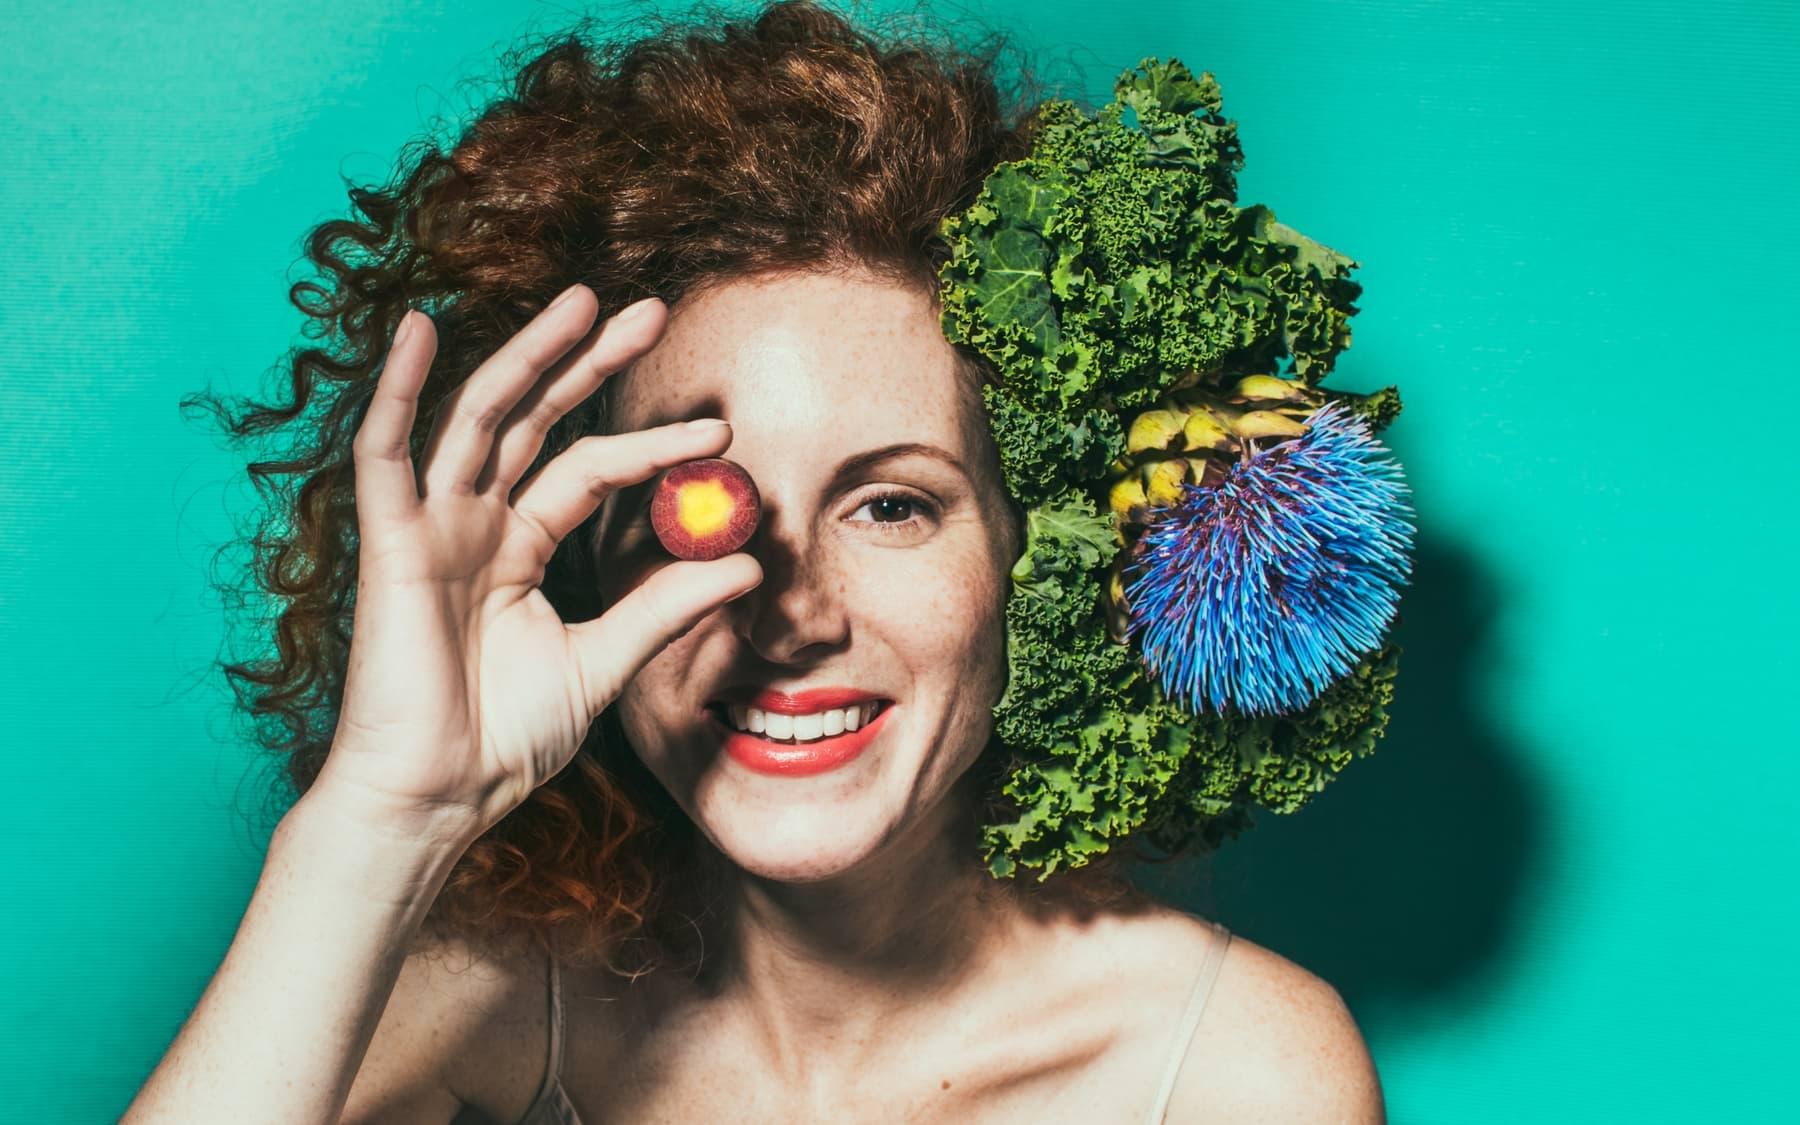 Bildergebnis für hands on veggies